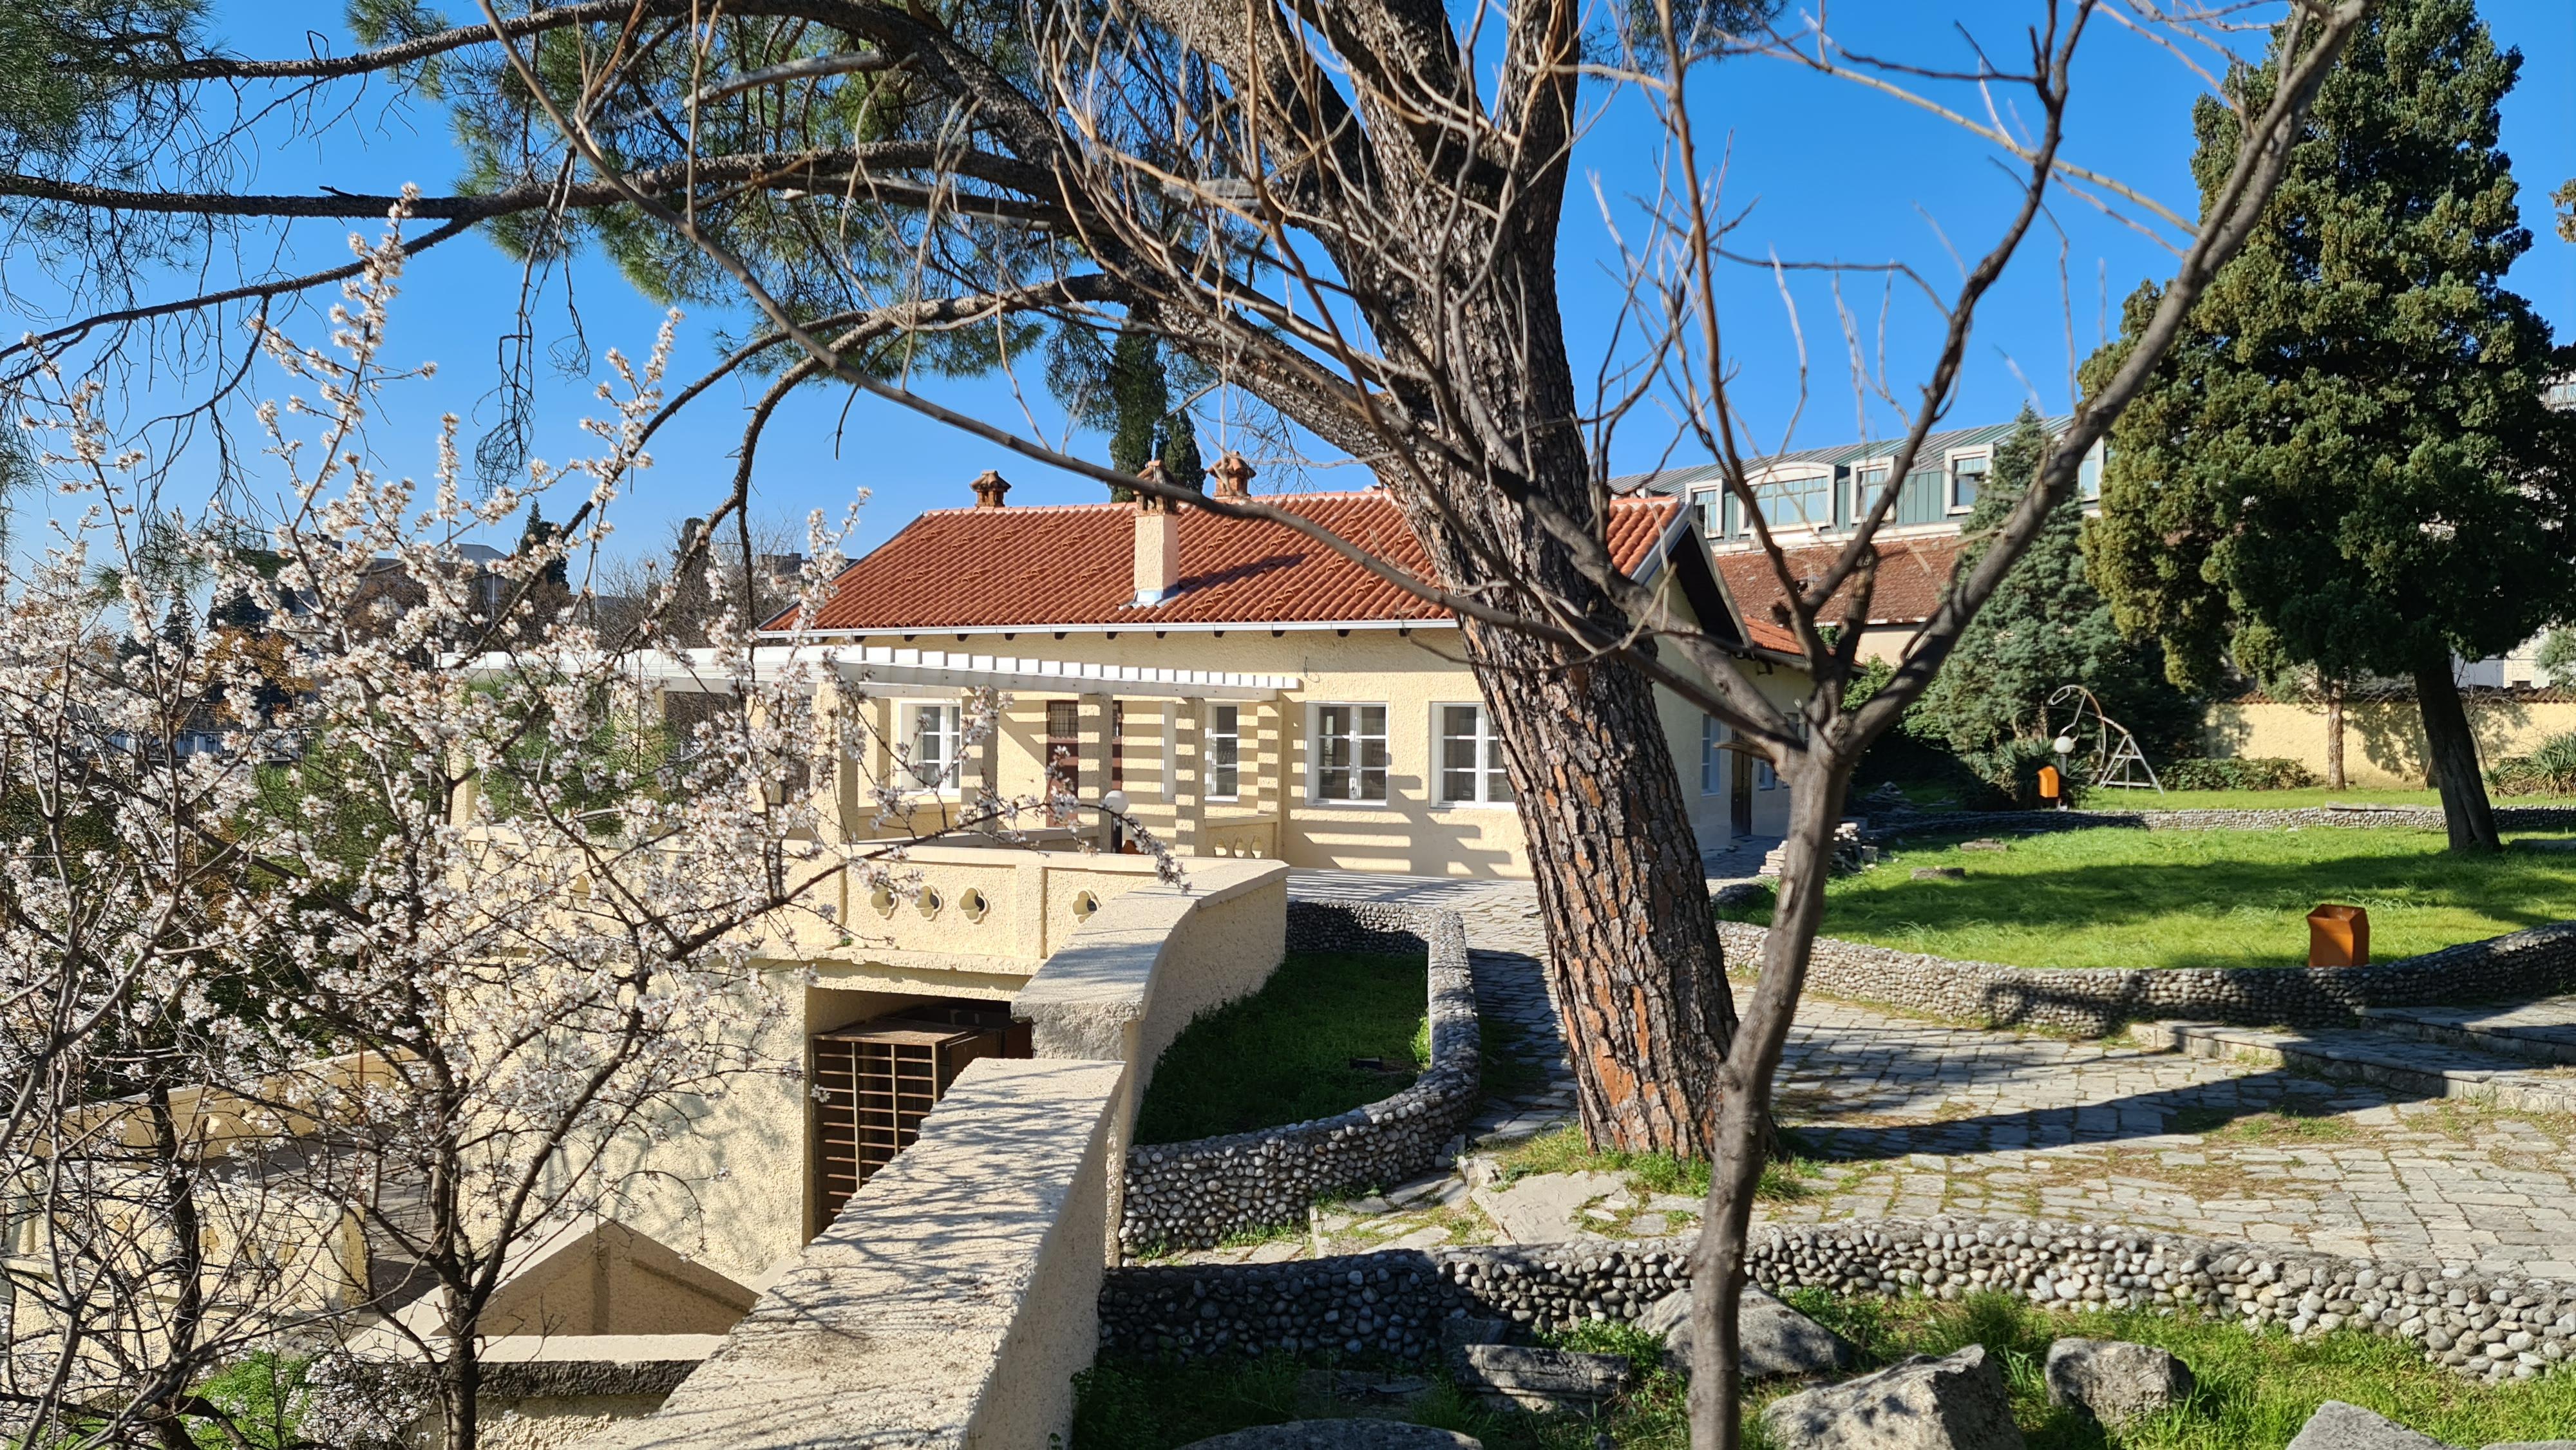 Najava: Obilazak završenih radova na adaptaciji Kuslevove kuće